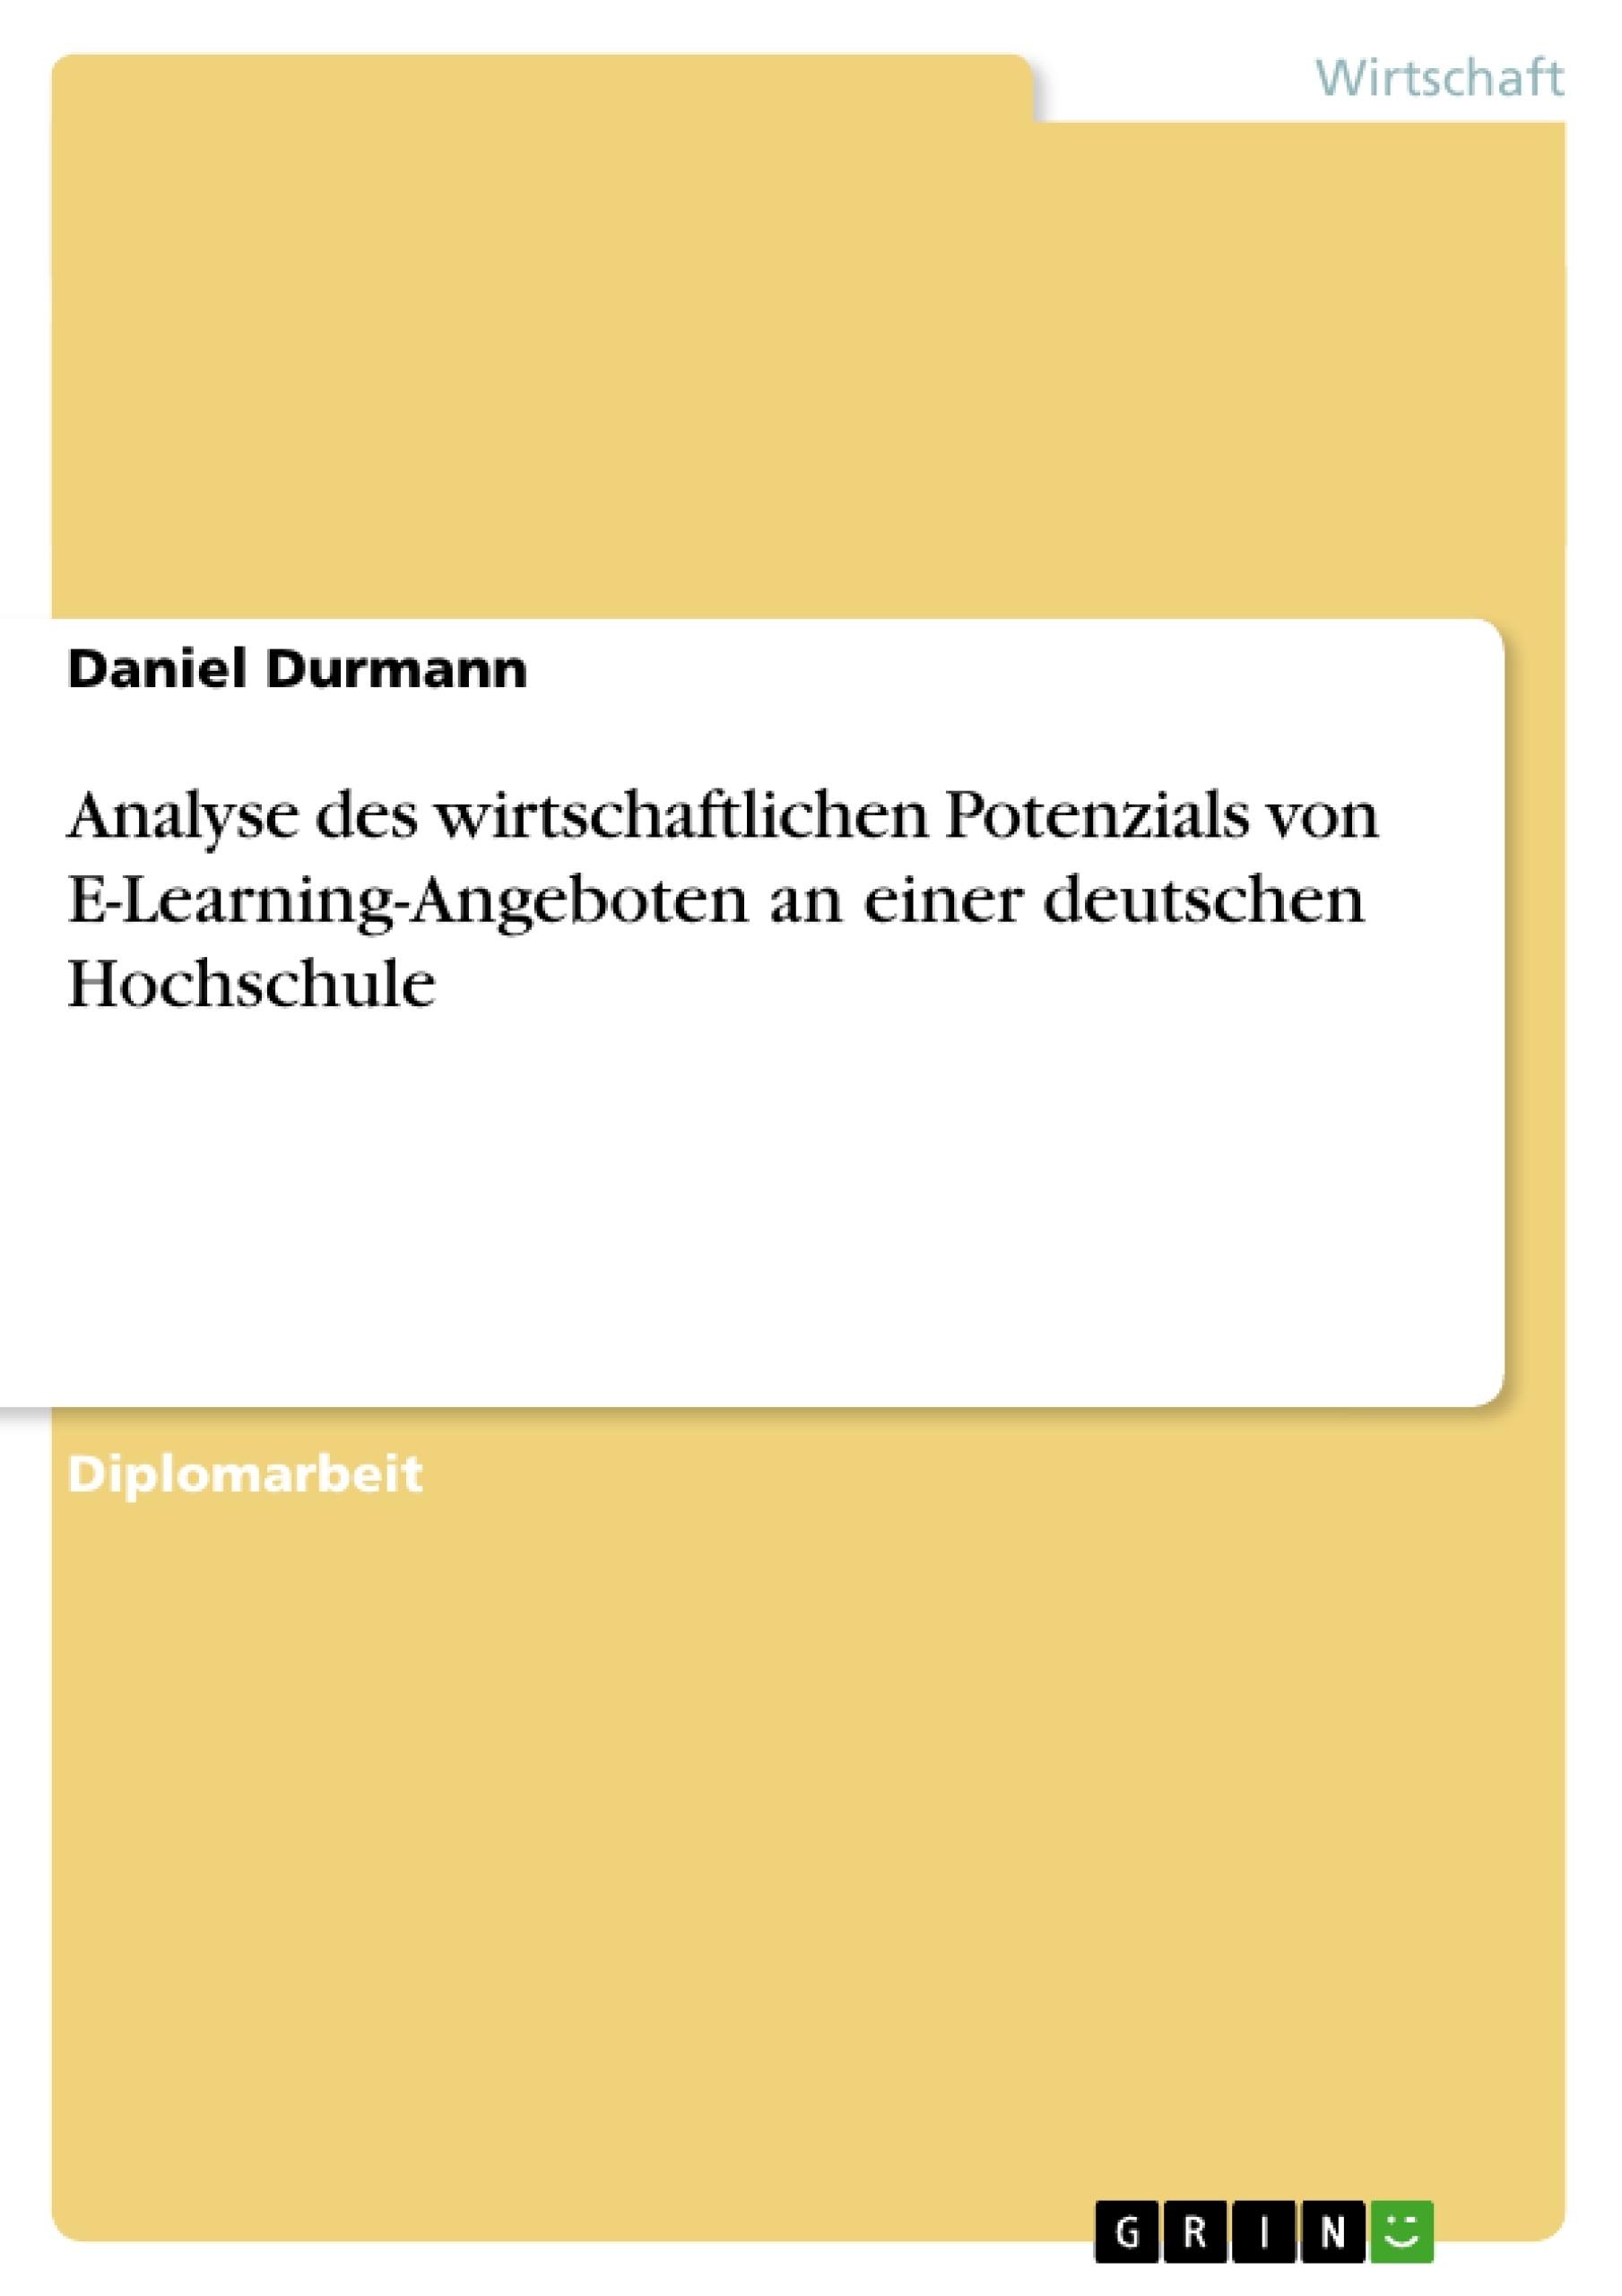 Titel: Analyse des wirtschaftlichen Potenzials von E-Learning-Angeboten an einer deutschen Hochschule